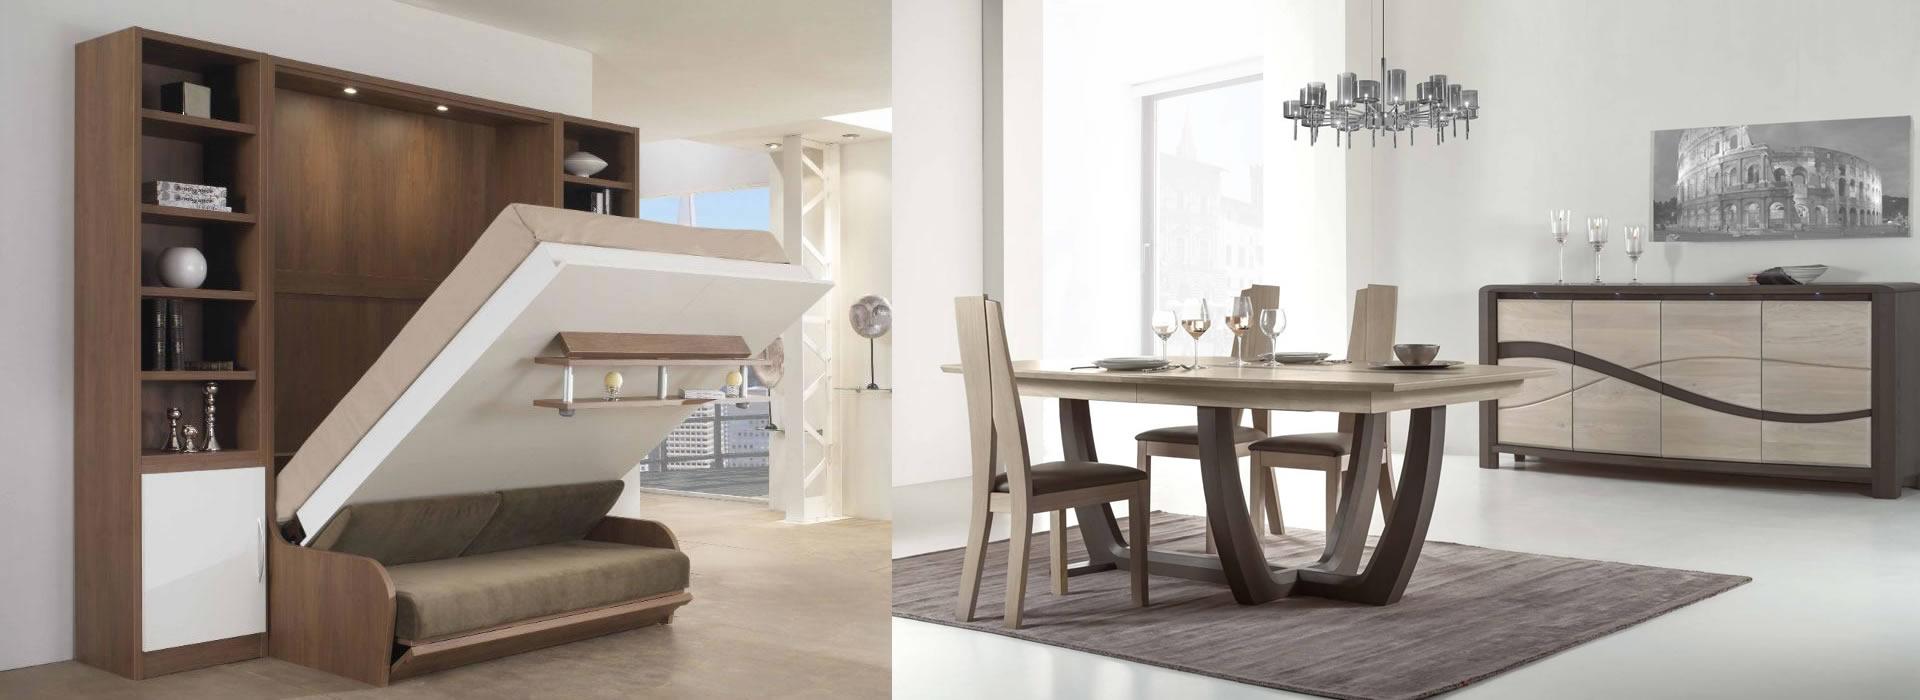 meubles perrimond magasin de meubles mougins et cannes. Black Bedroom Furniture Sets. Home Design Ideas